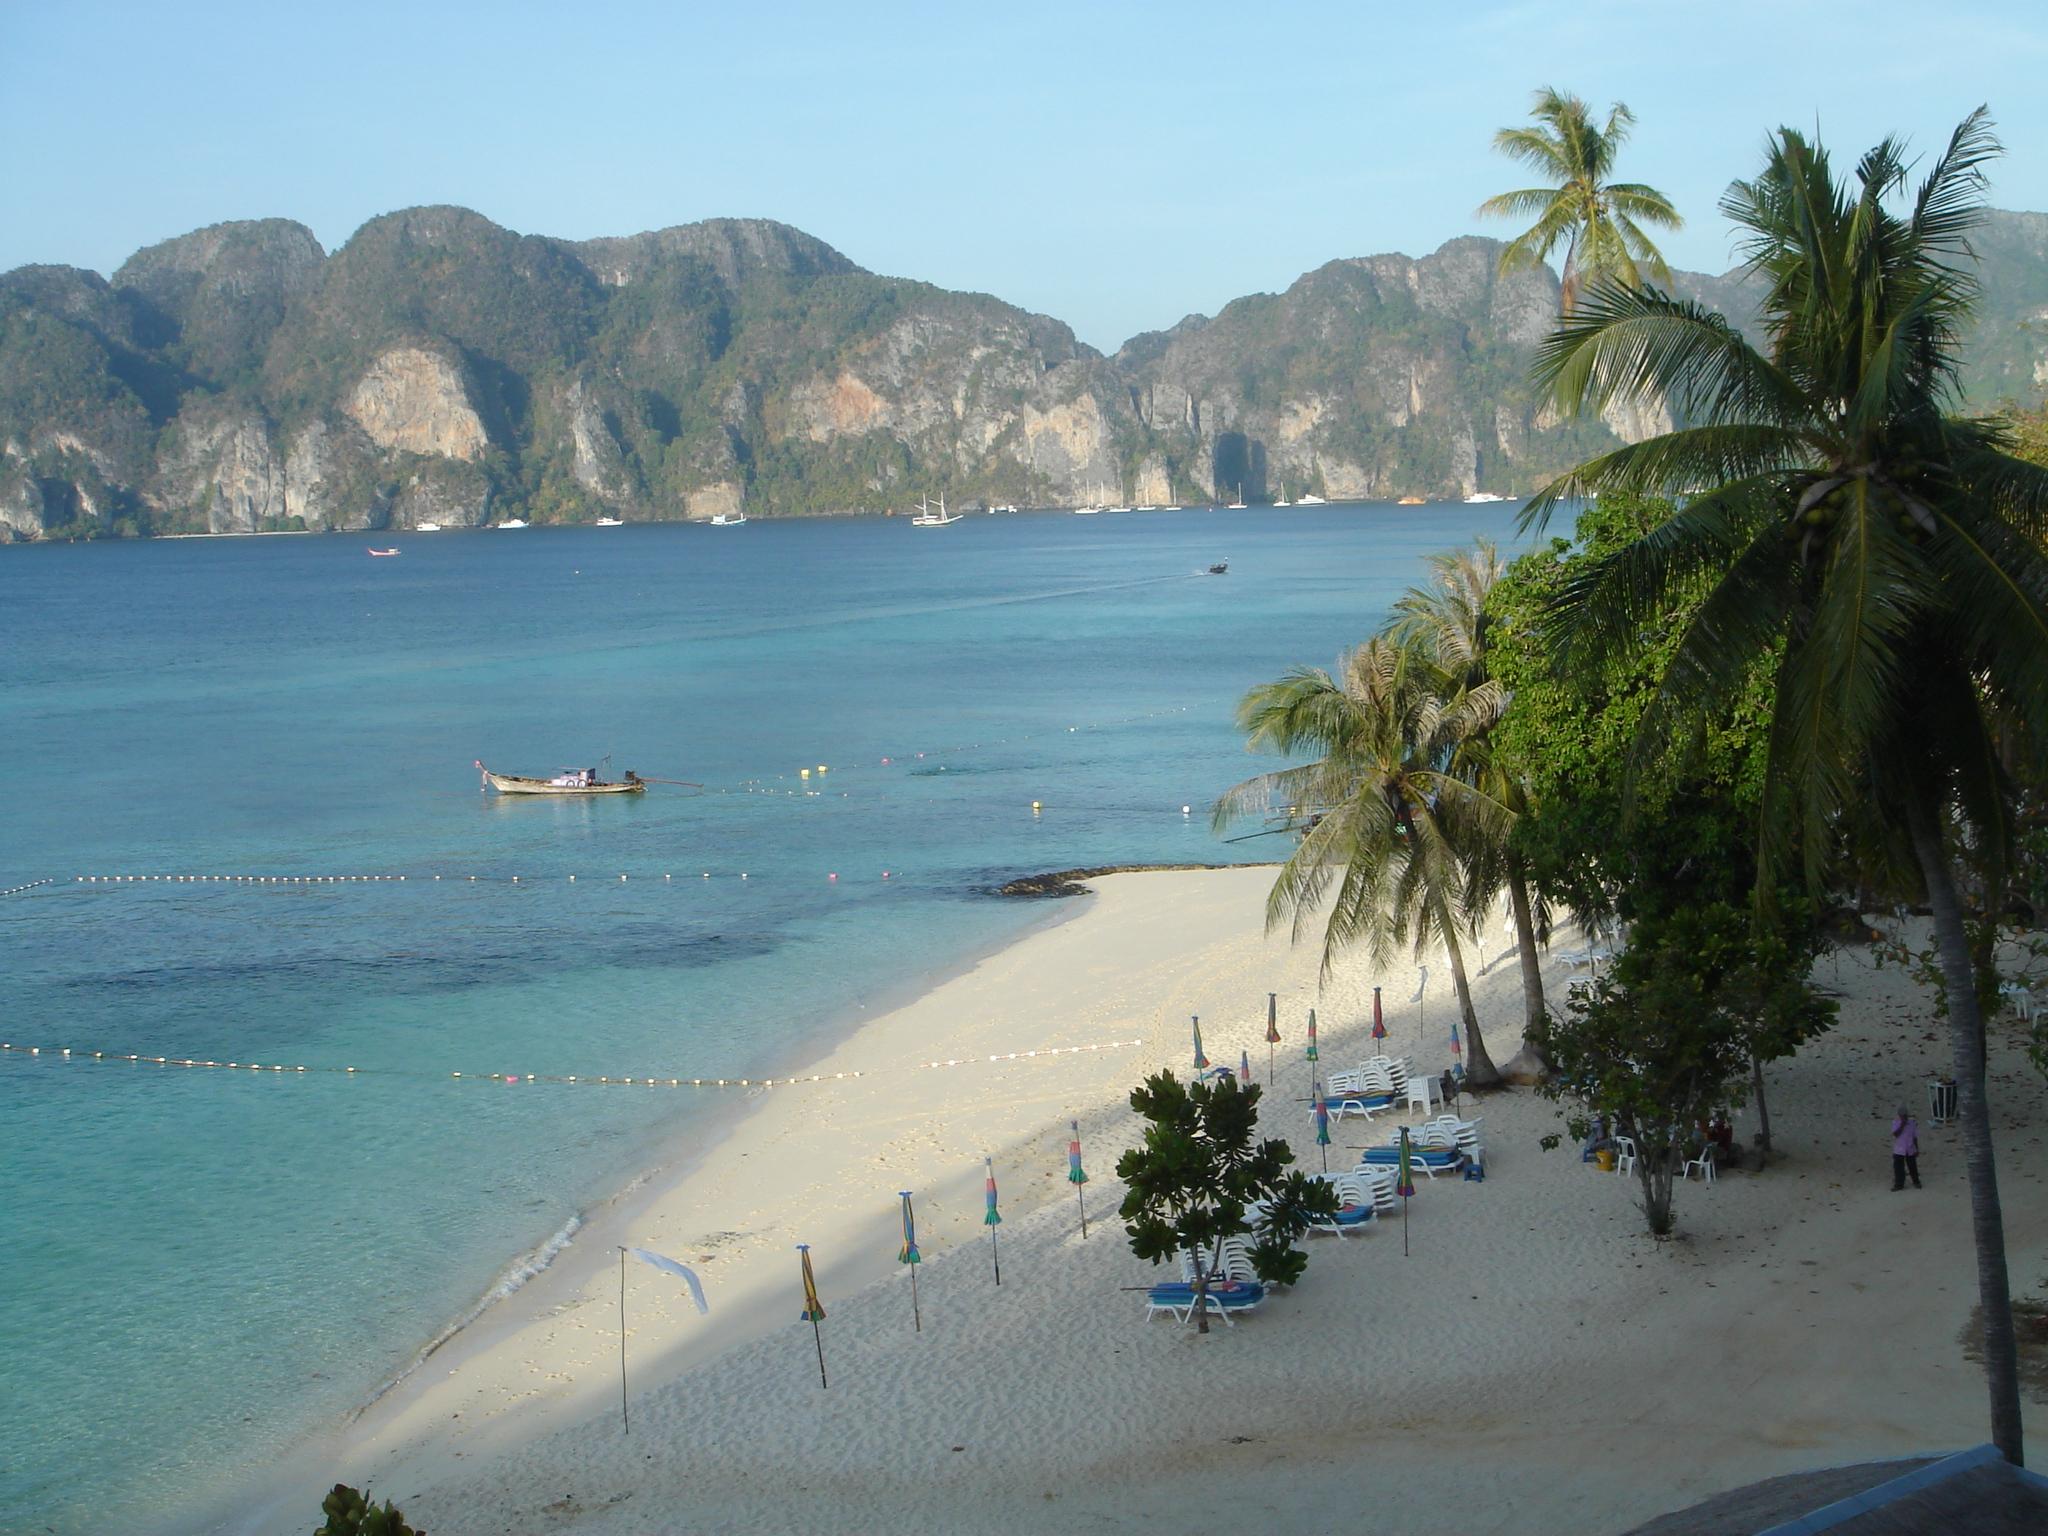 Ferry, barco e depois o paraíso de PhiPhi (Tailândia)